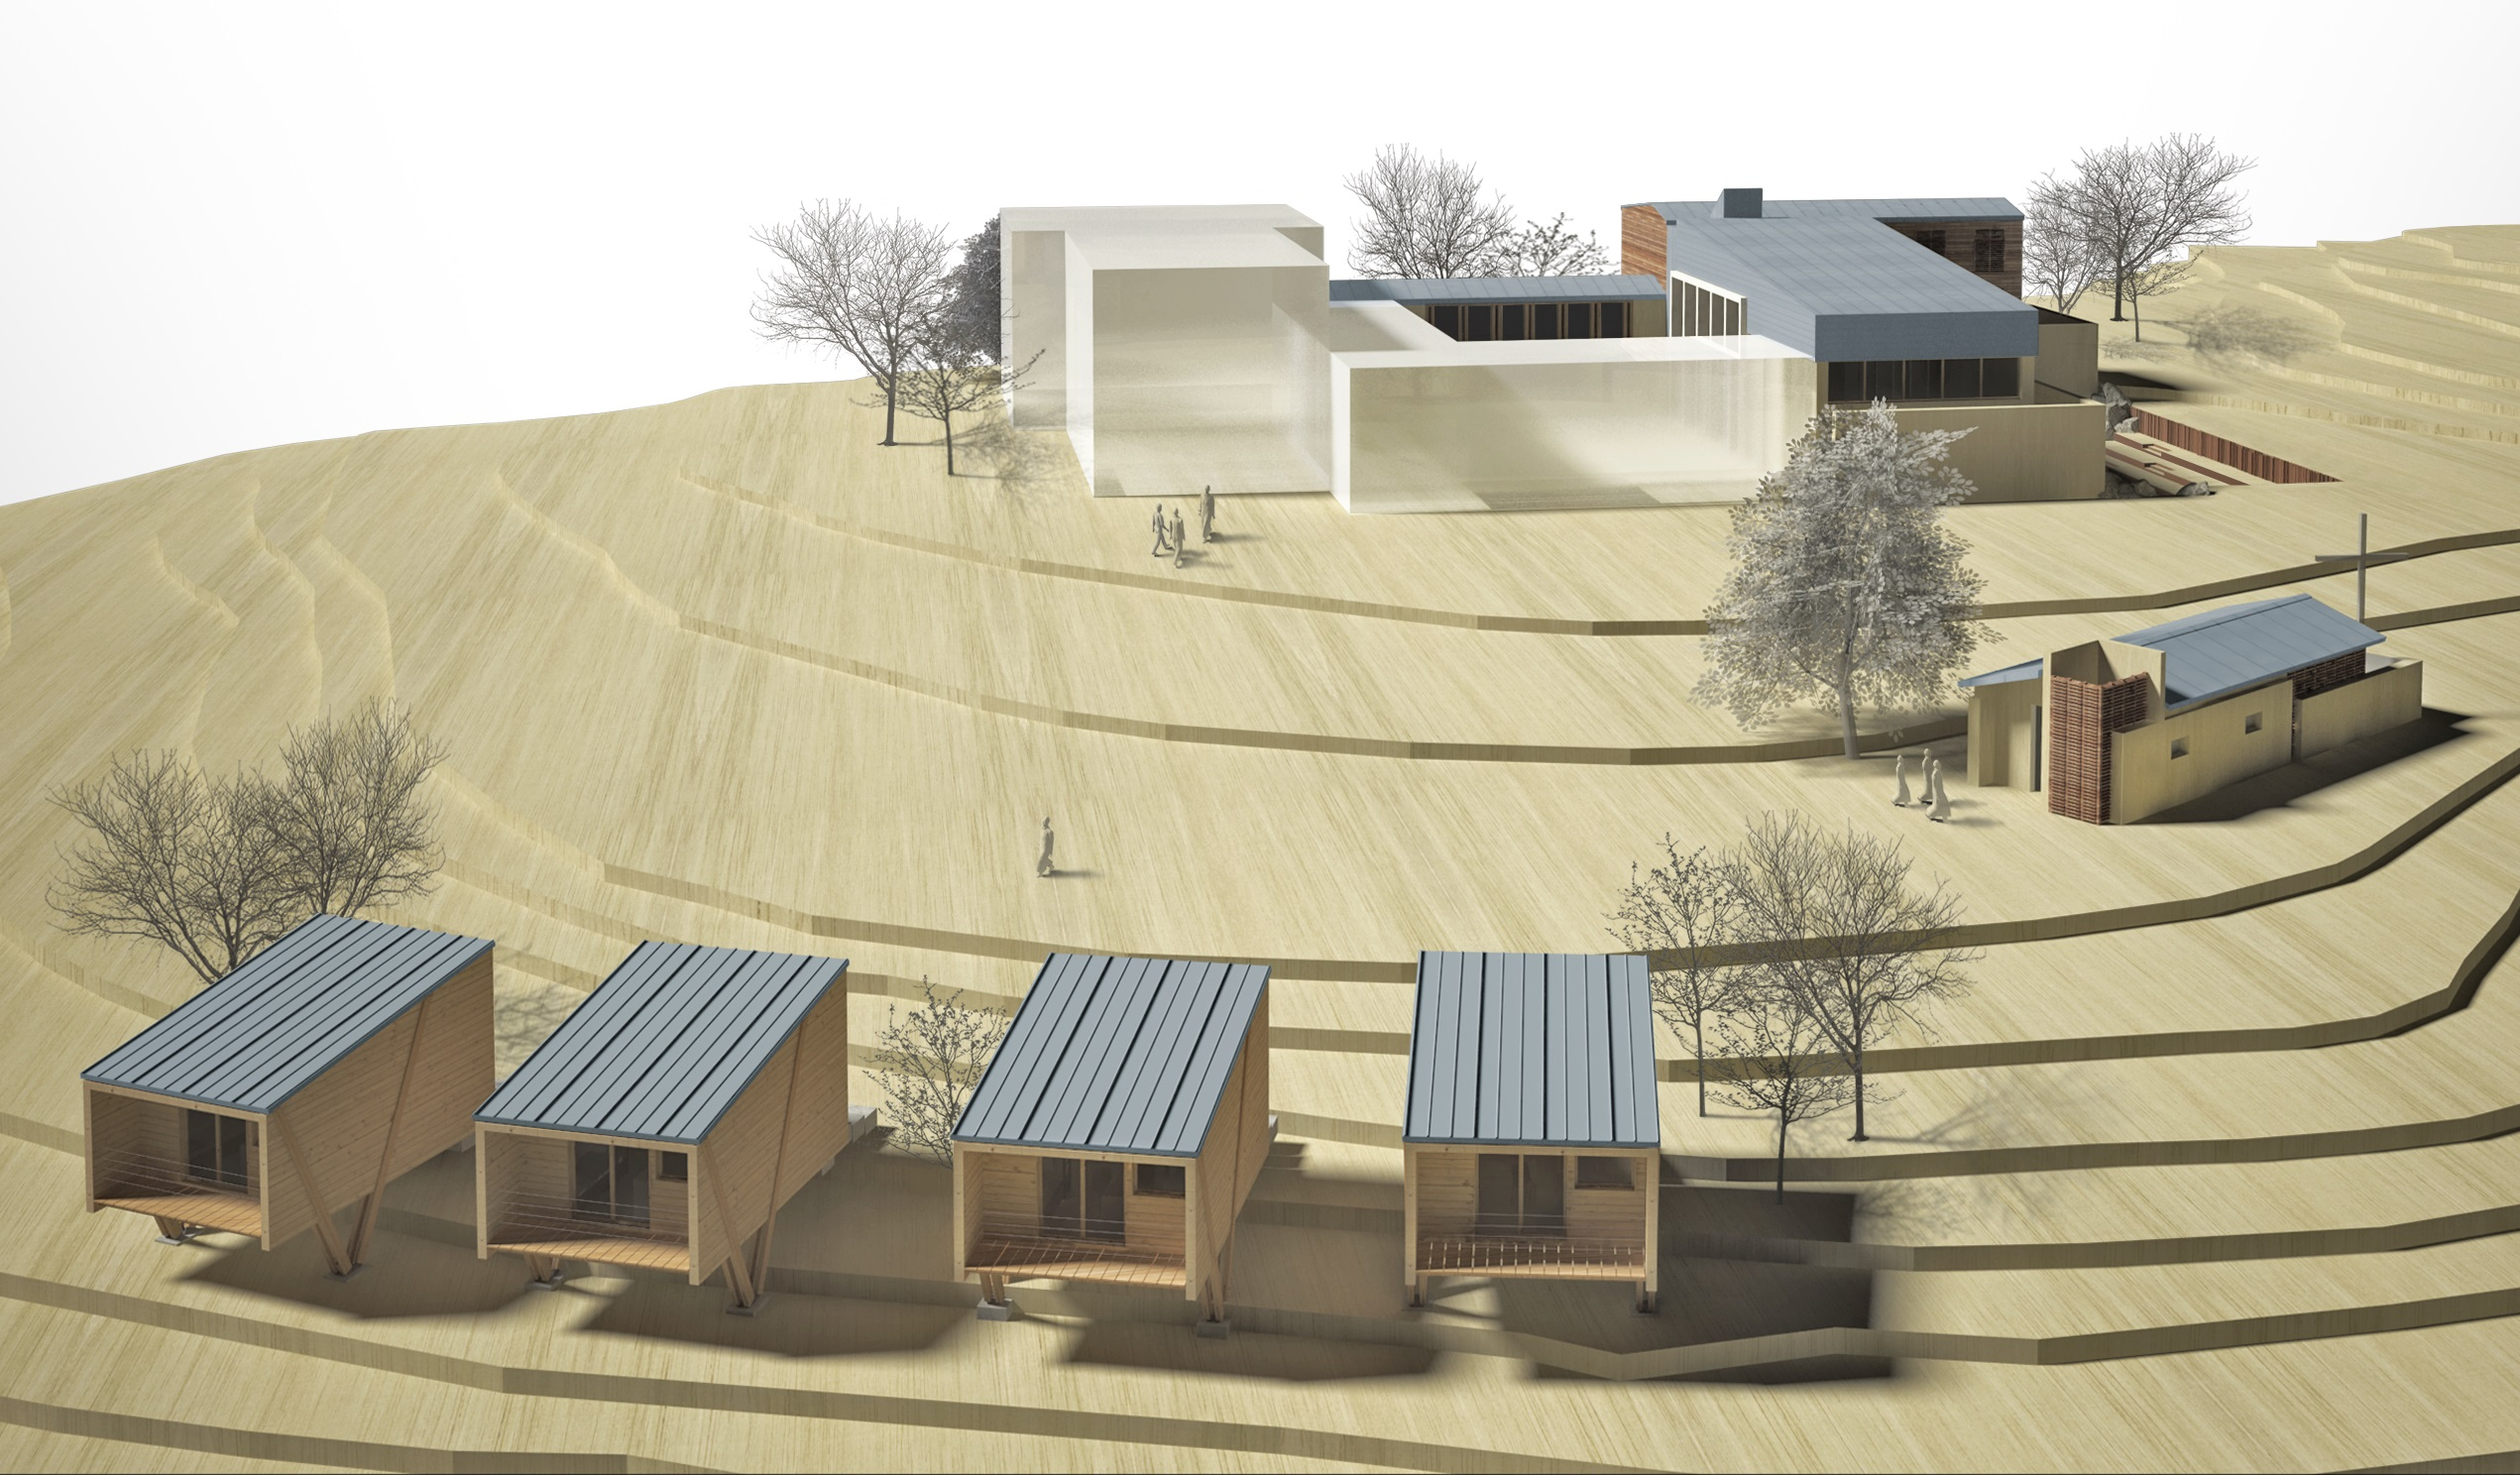 progetto per il futuro di siloe - Copia